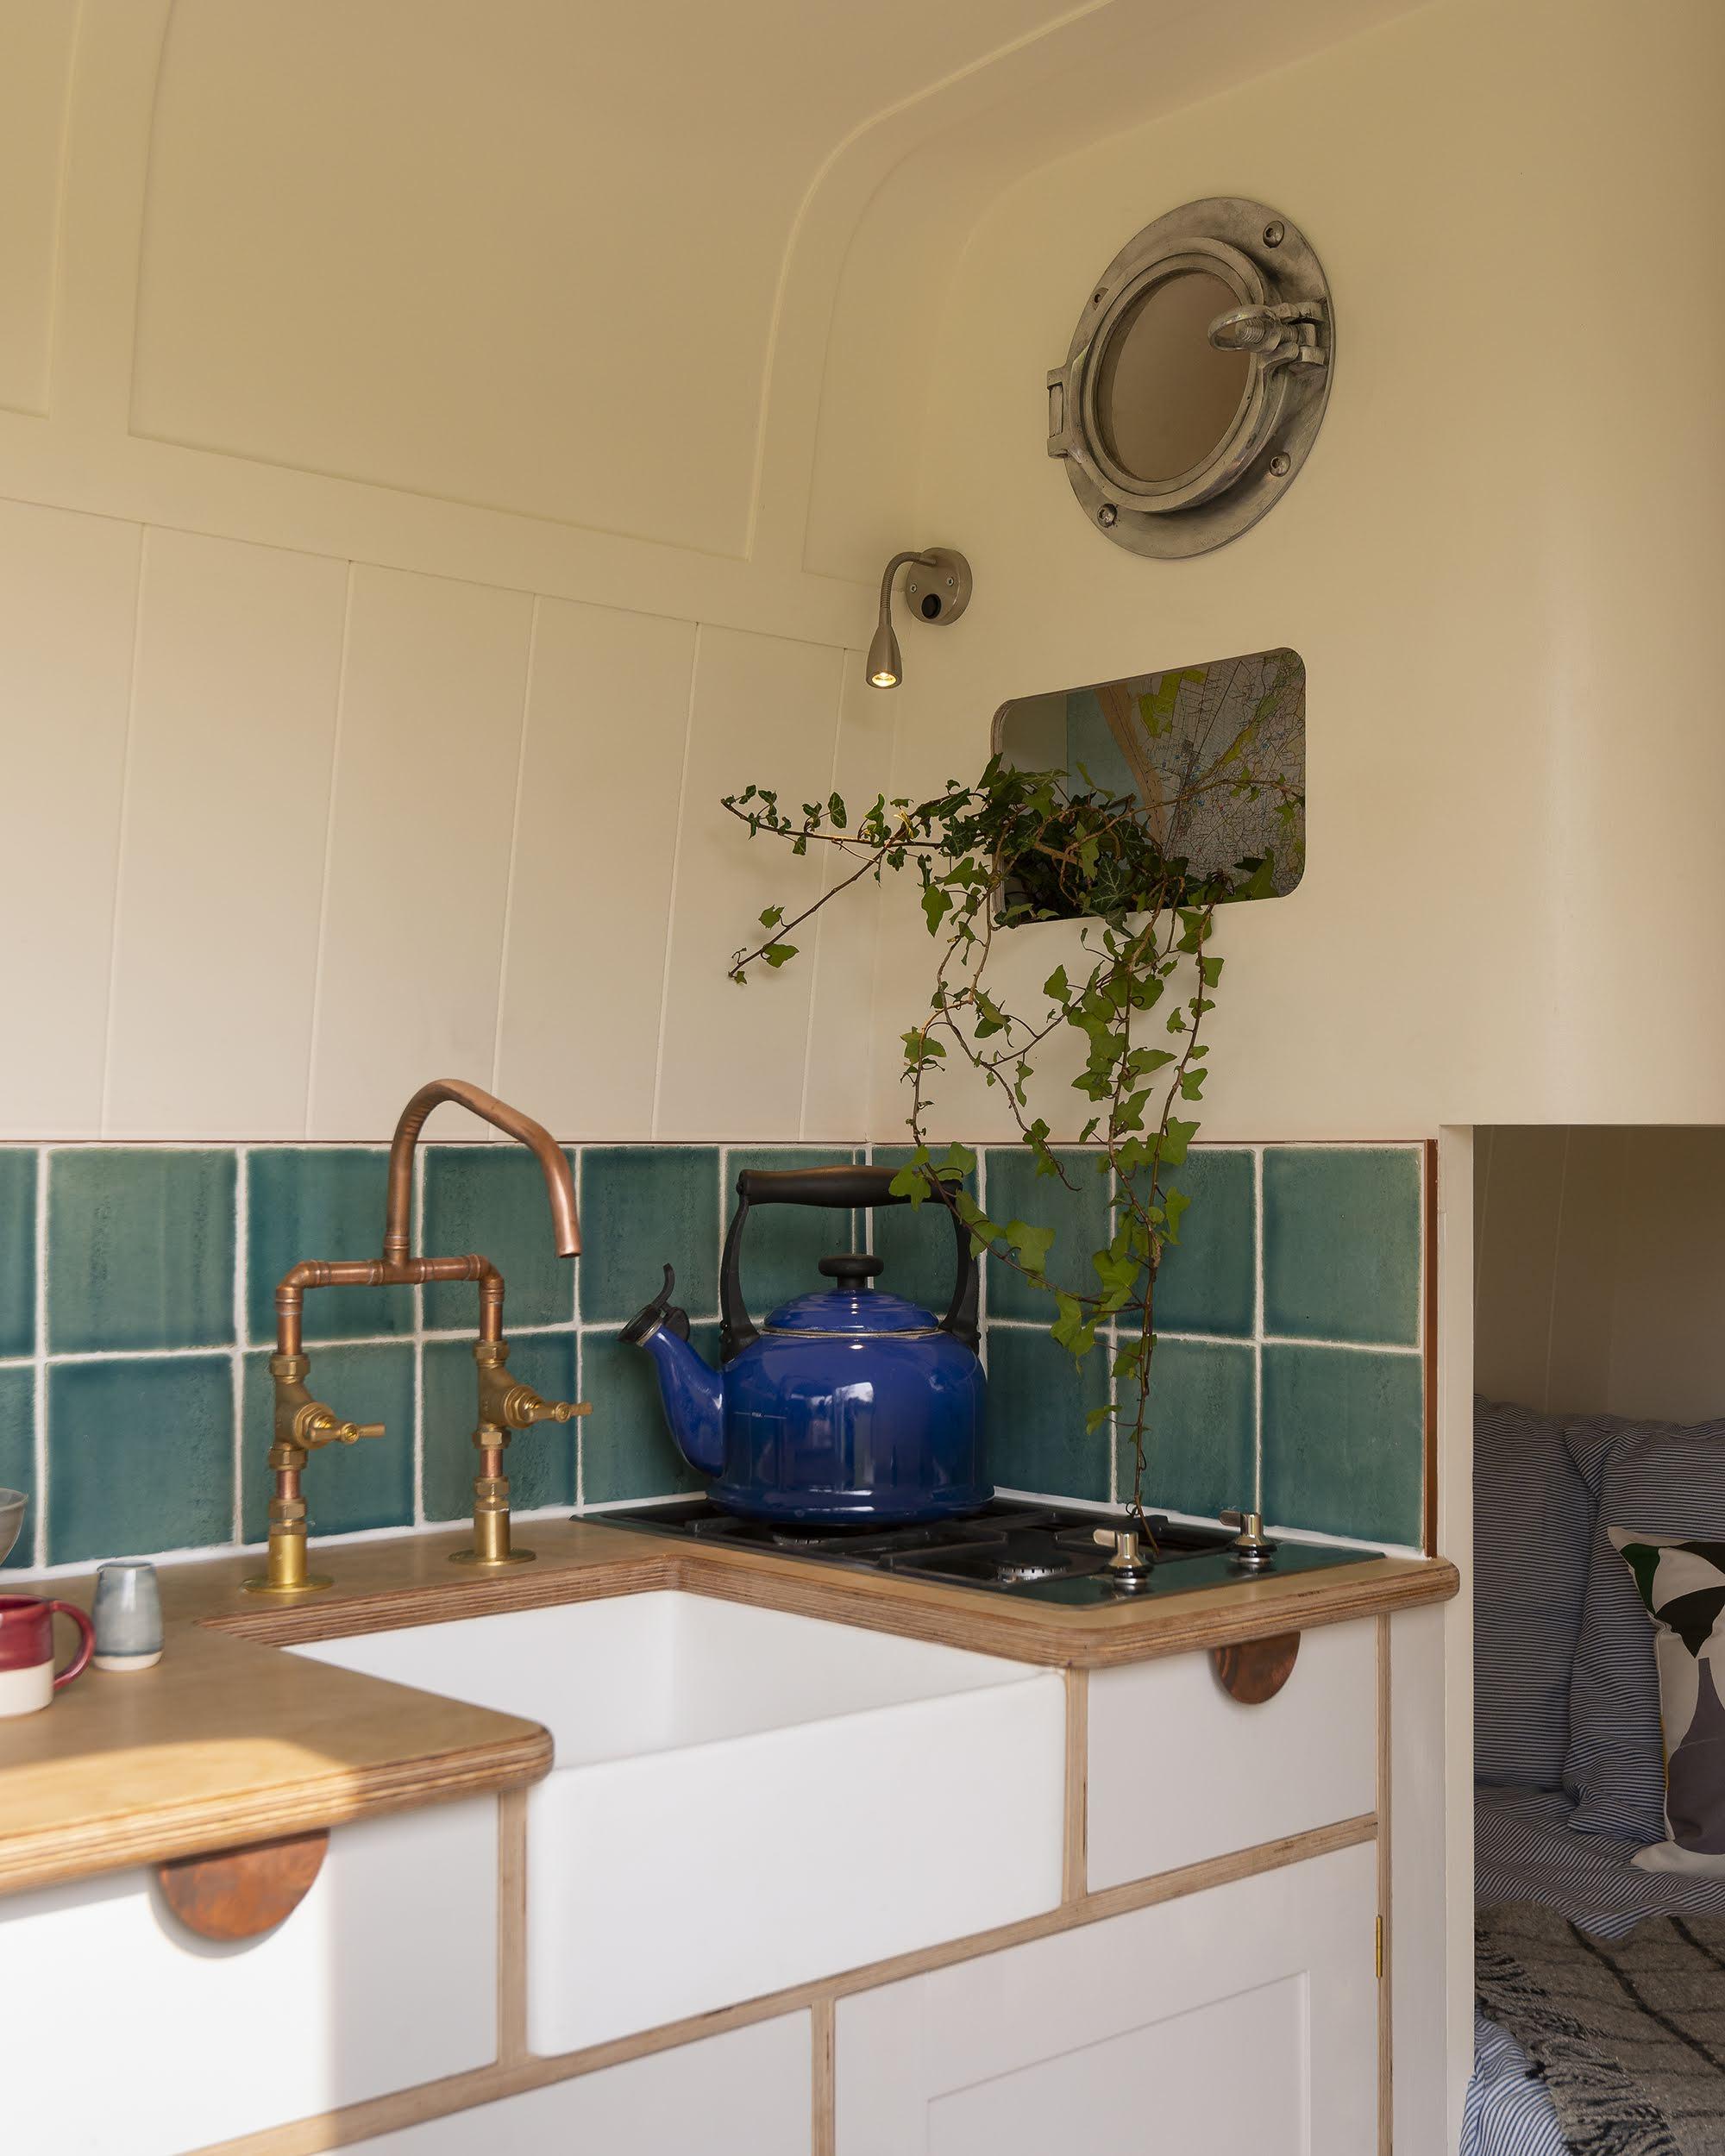 camper van belfast style sink